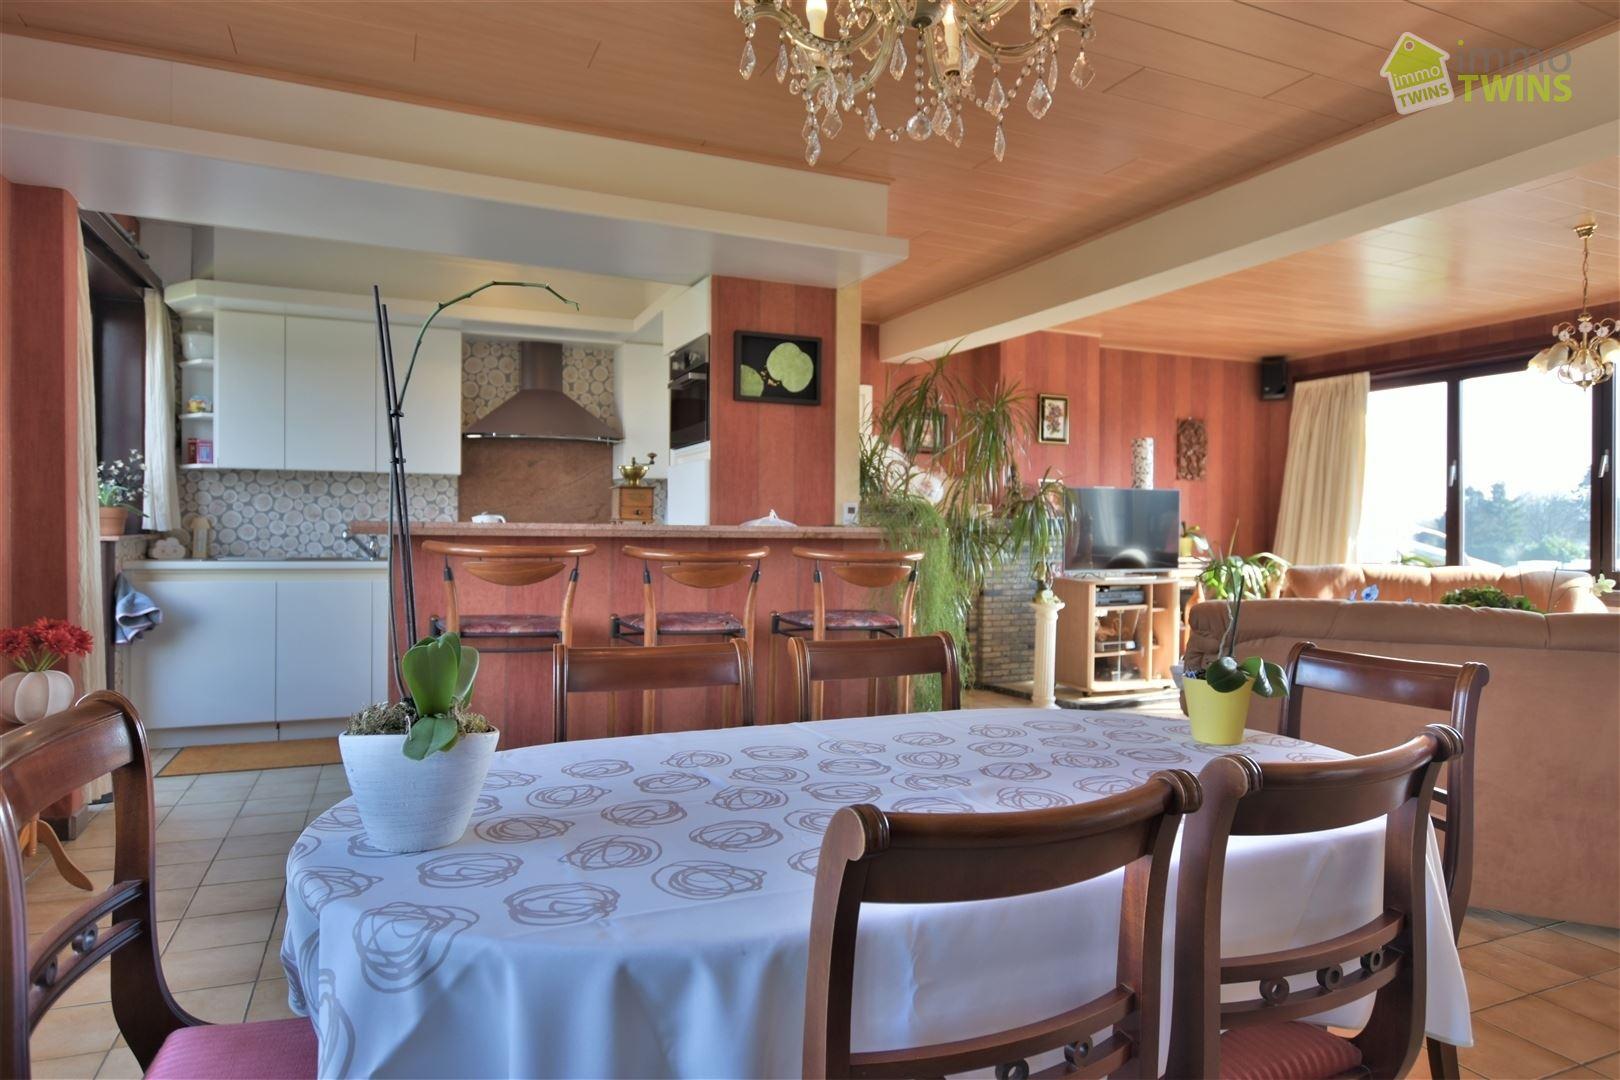 Foto 1 : Appartement te 9300 AALST (België) - Prijs € 224.000